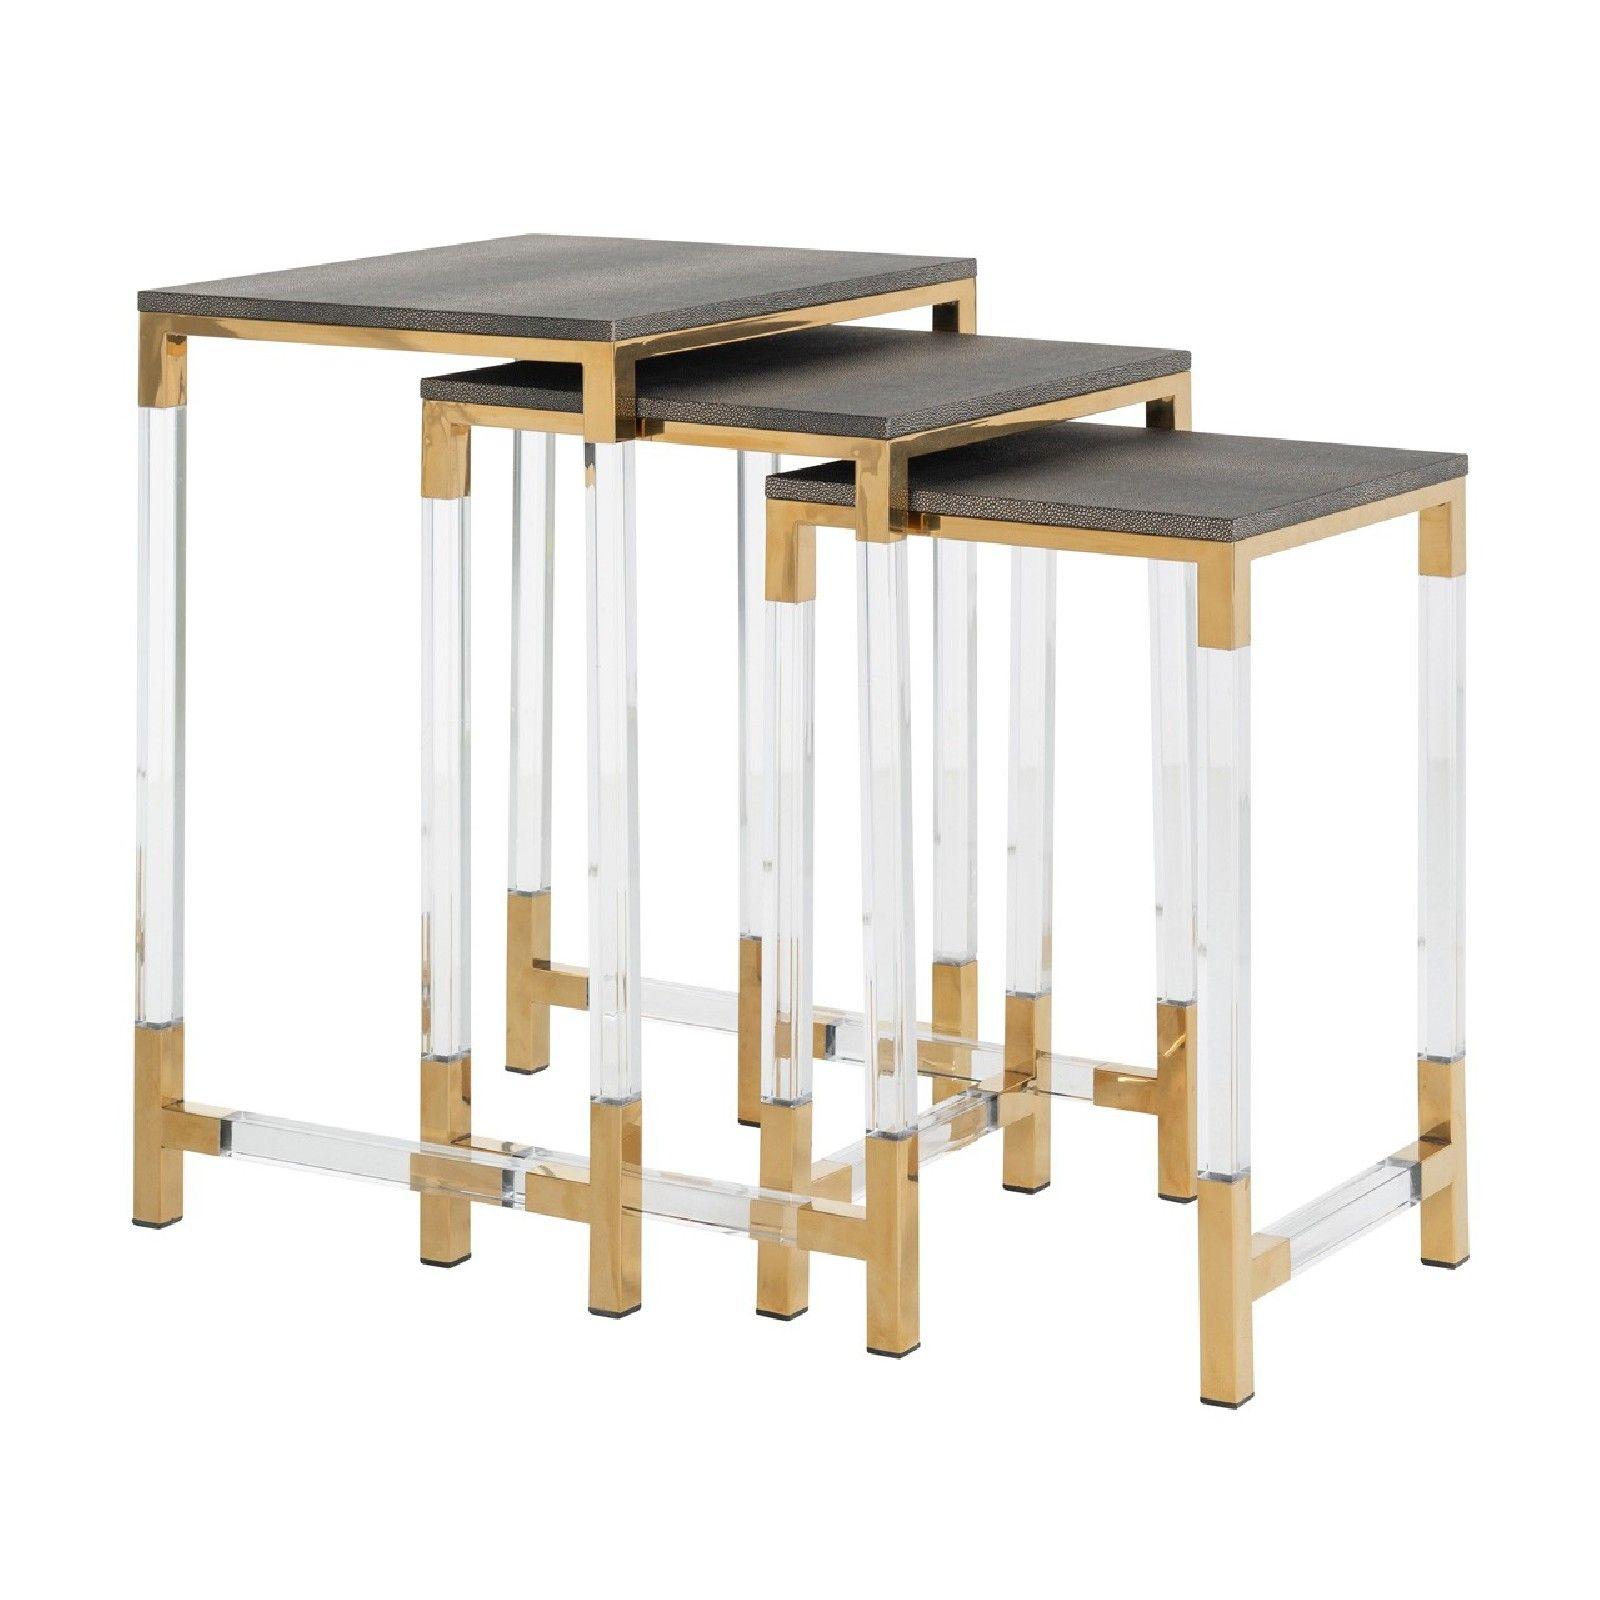 Table d'angle Calesta set de 3 shagreen look Meuble Déco Tendance - 115